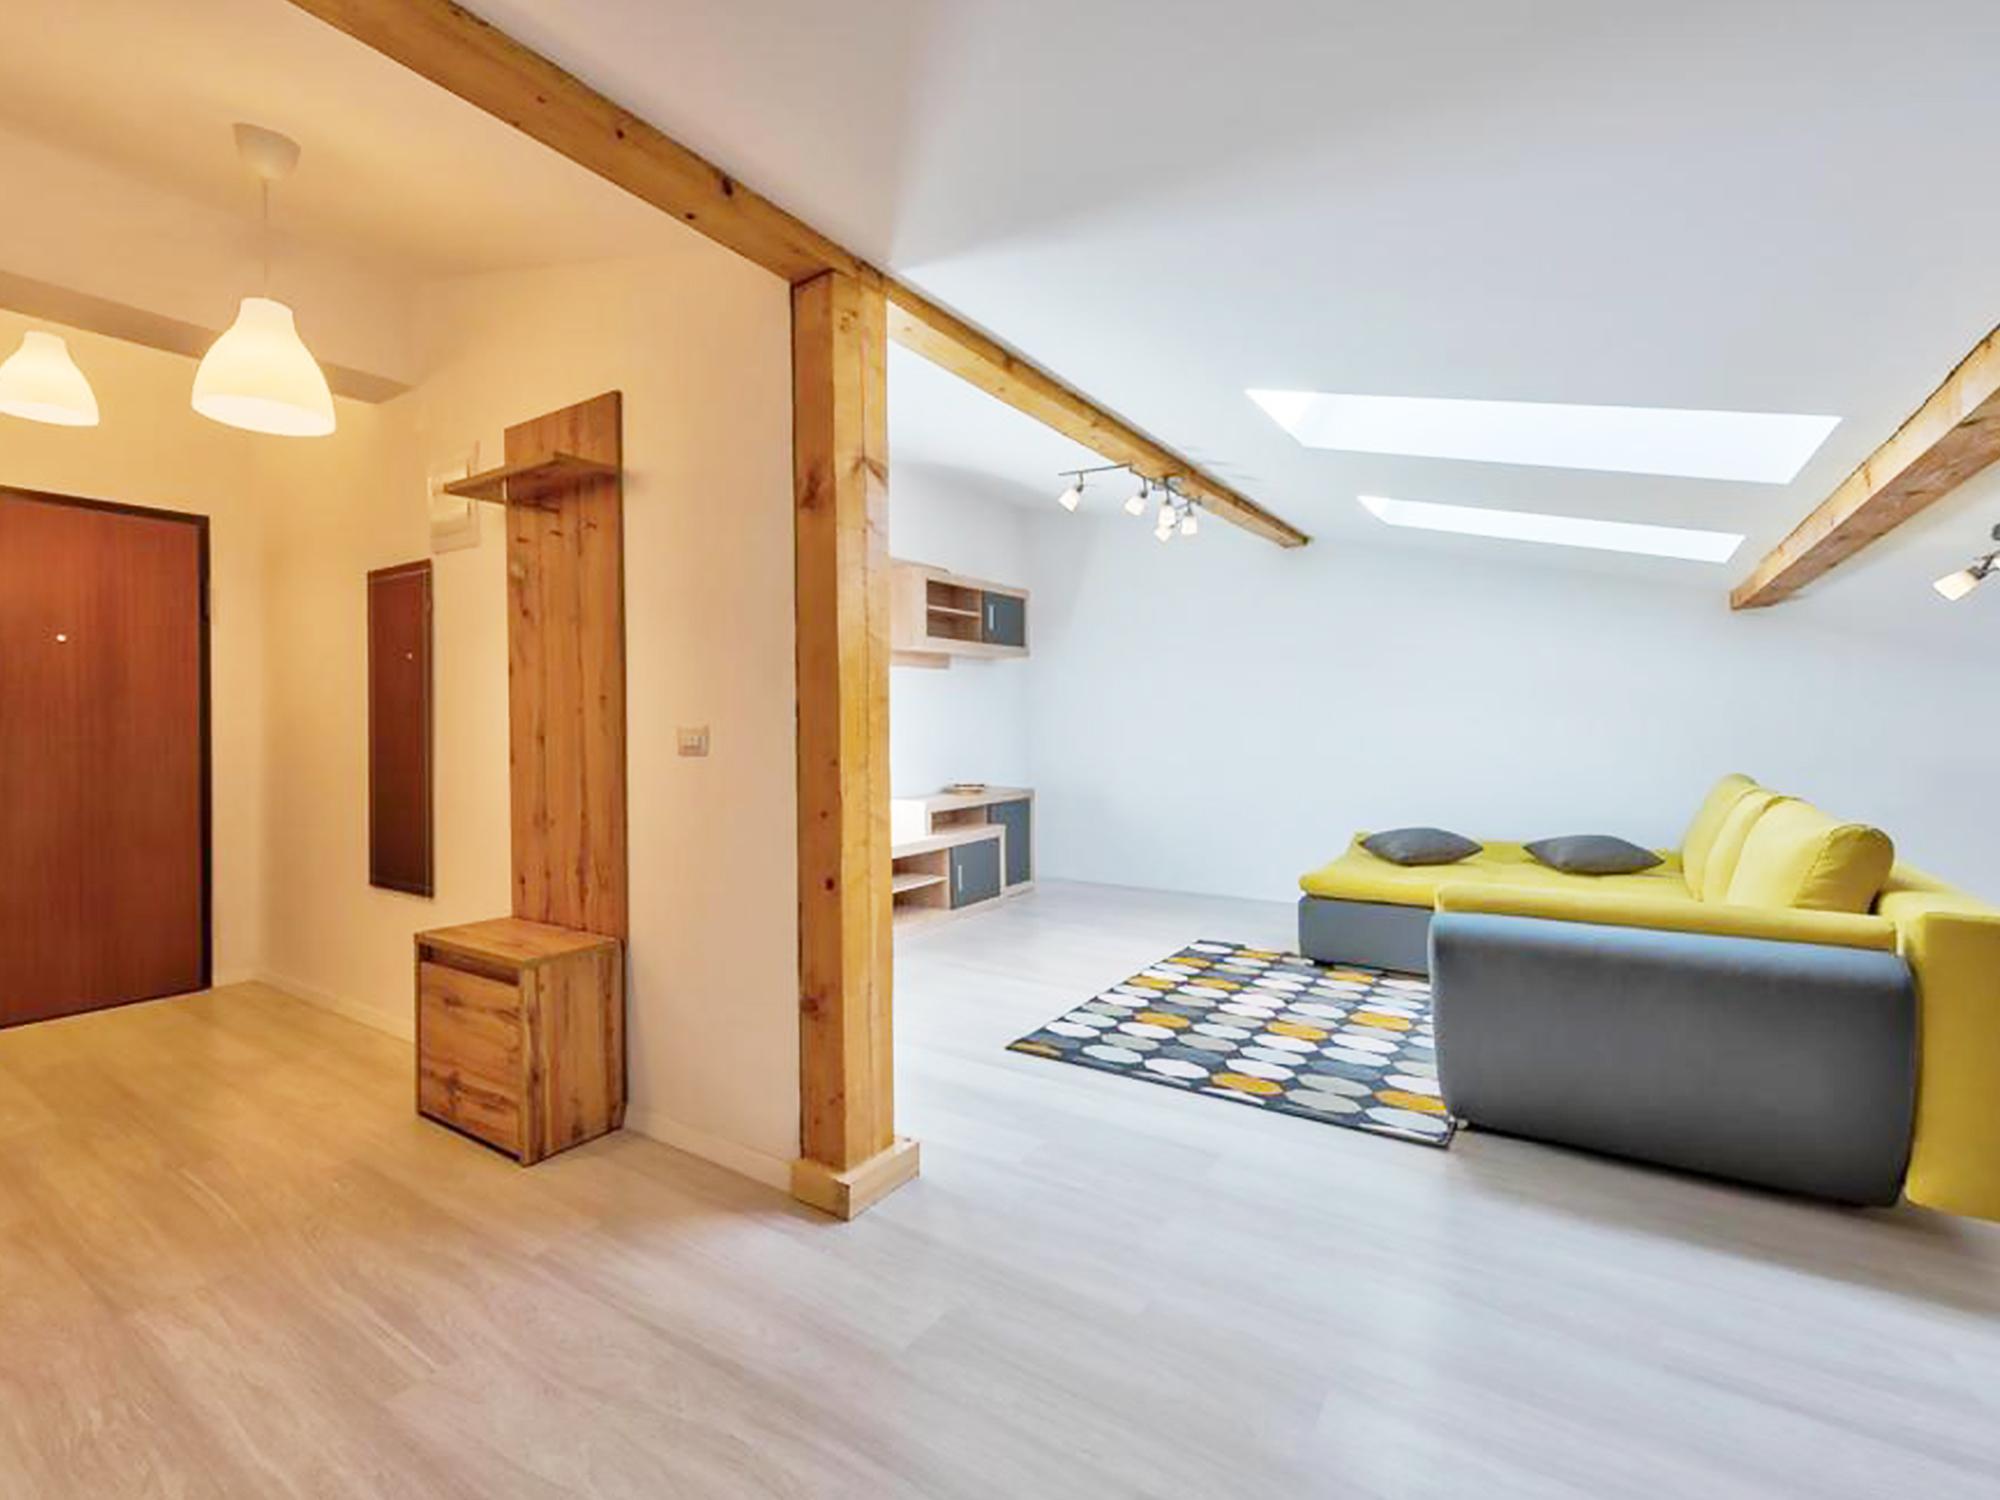 Apartamente-Faza-1-LaRa-Condominium-4